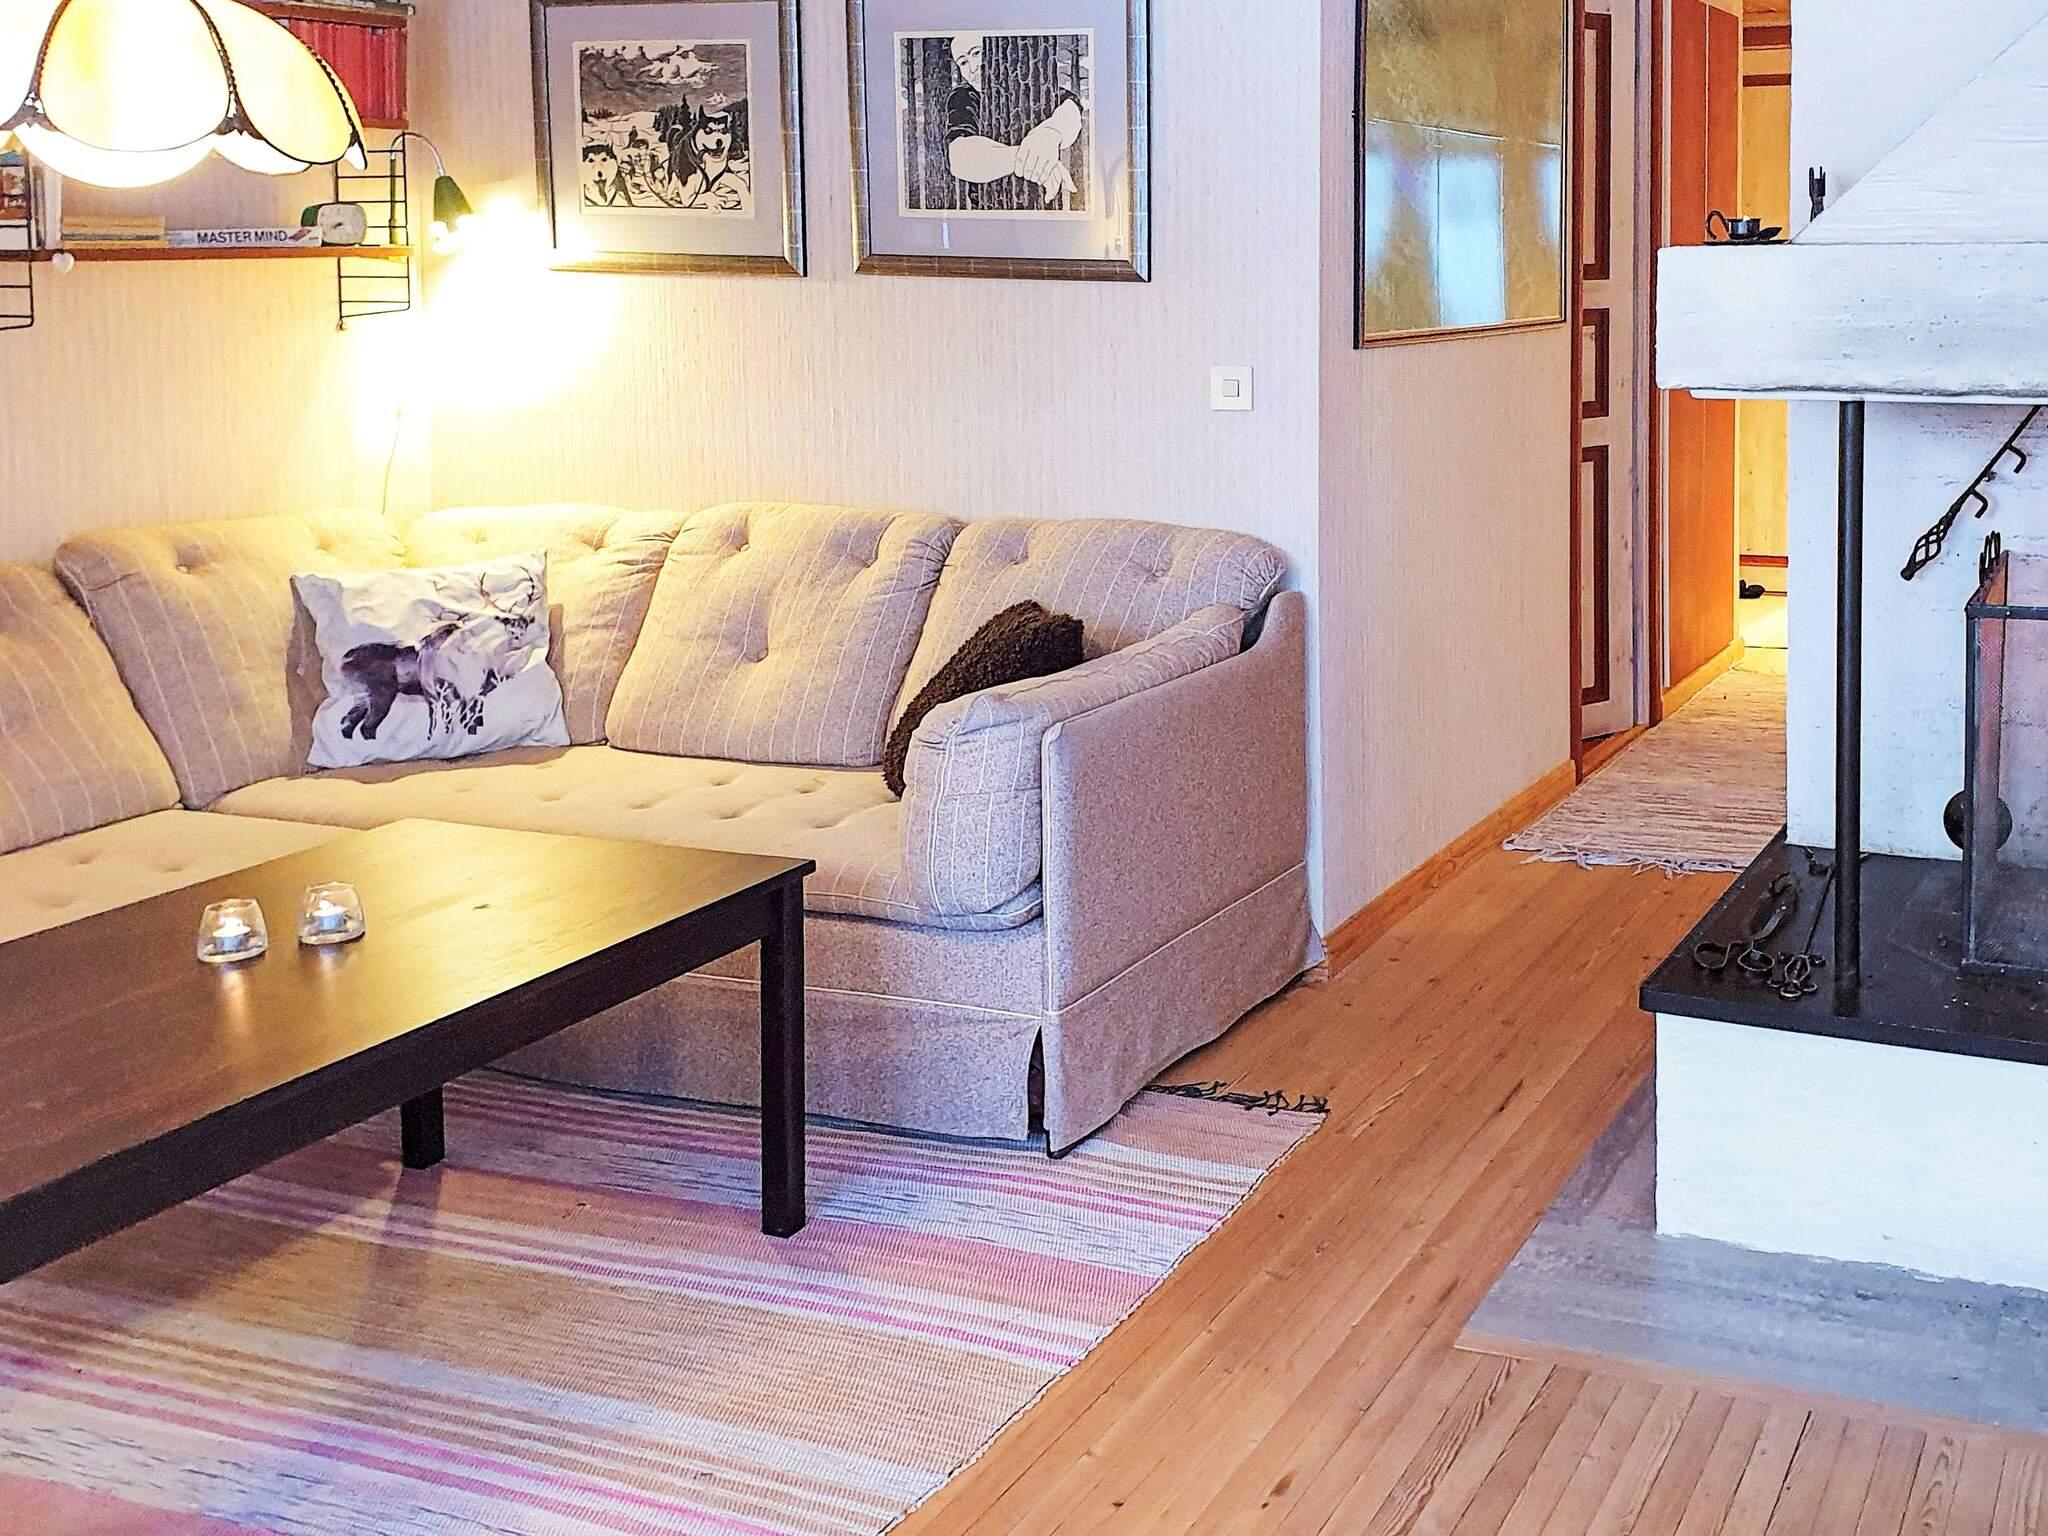 Ferienhaus Vemdalen (2780567), Funäsdalen, Jämtlands län, Nordschweden, Schweden, Bild 7